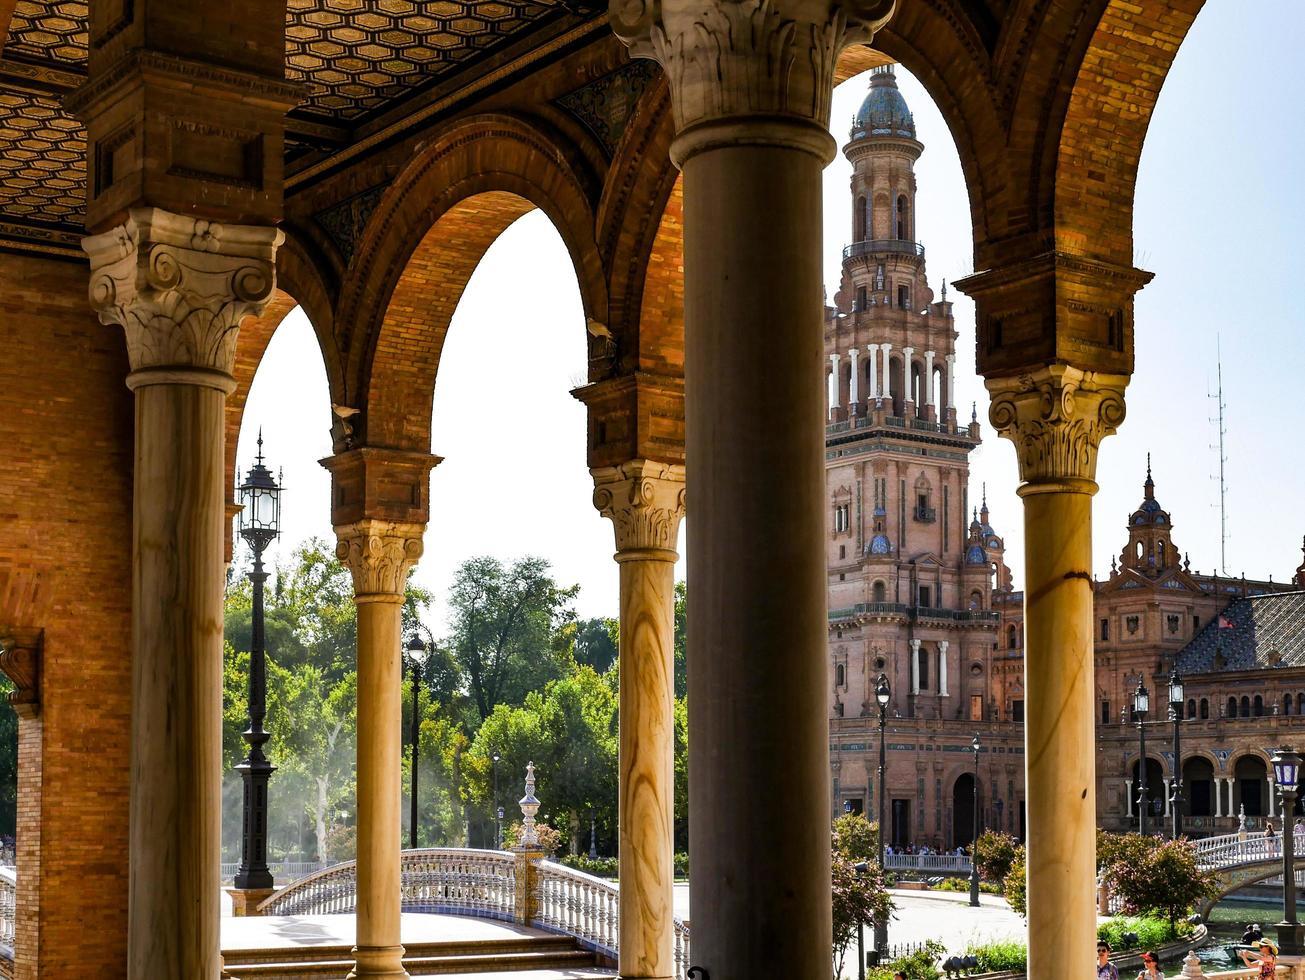 Sevilla, Spanje, 2020 - Uitzicht op een toren op het Plaza de Espana foto